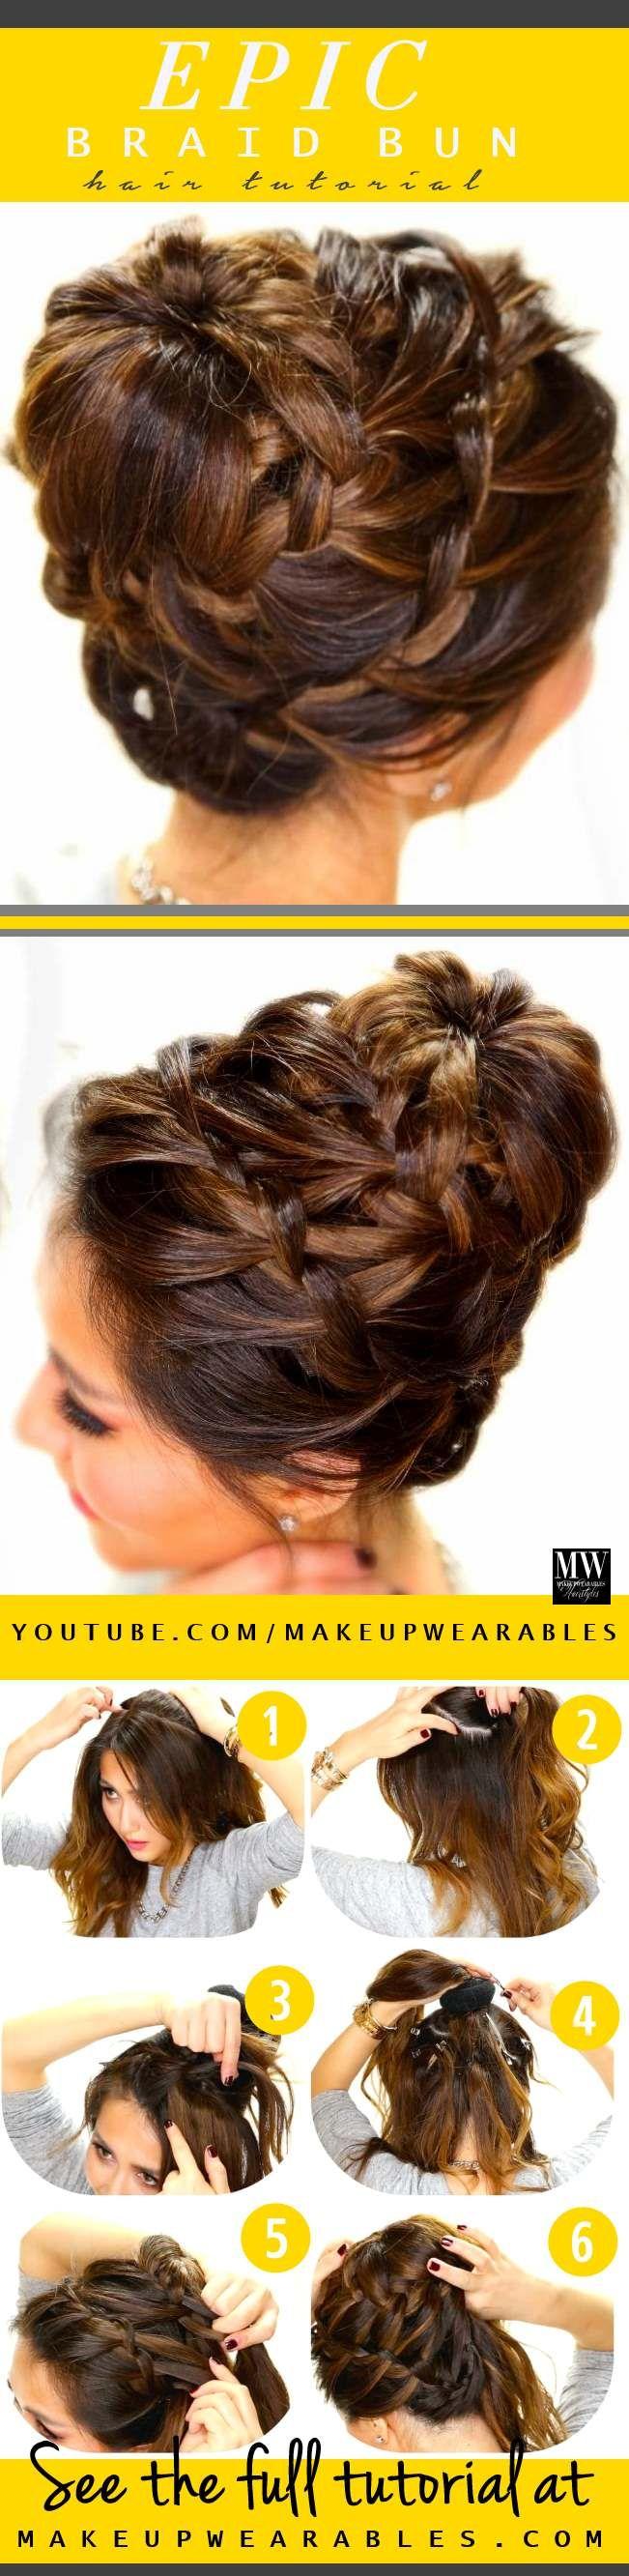 How to do a cute braided bun updo hairstyle for medium long hair